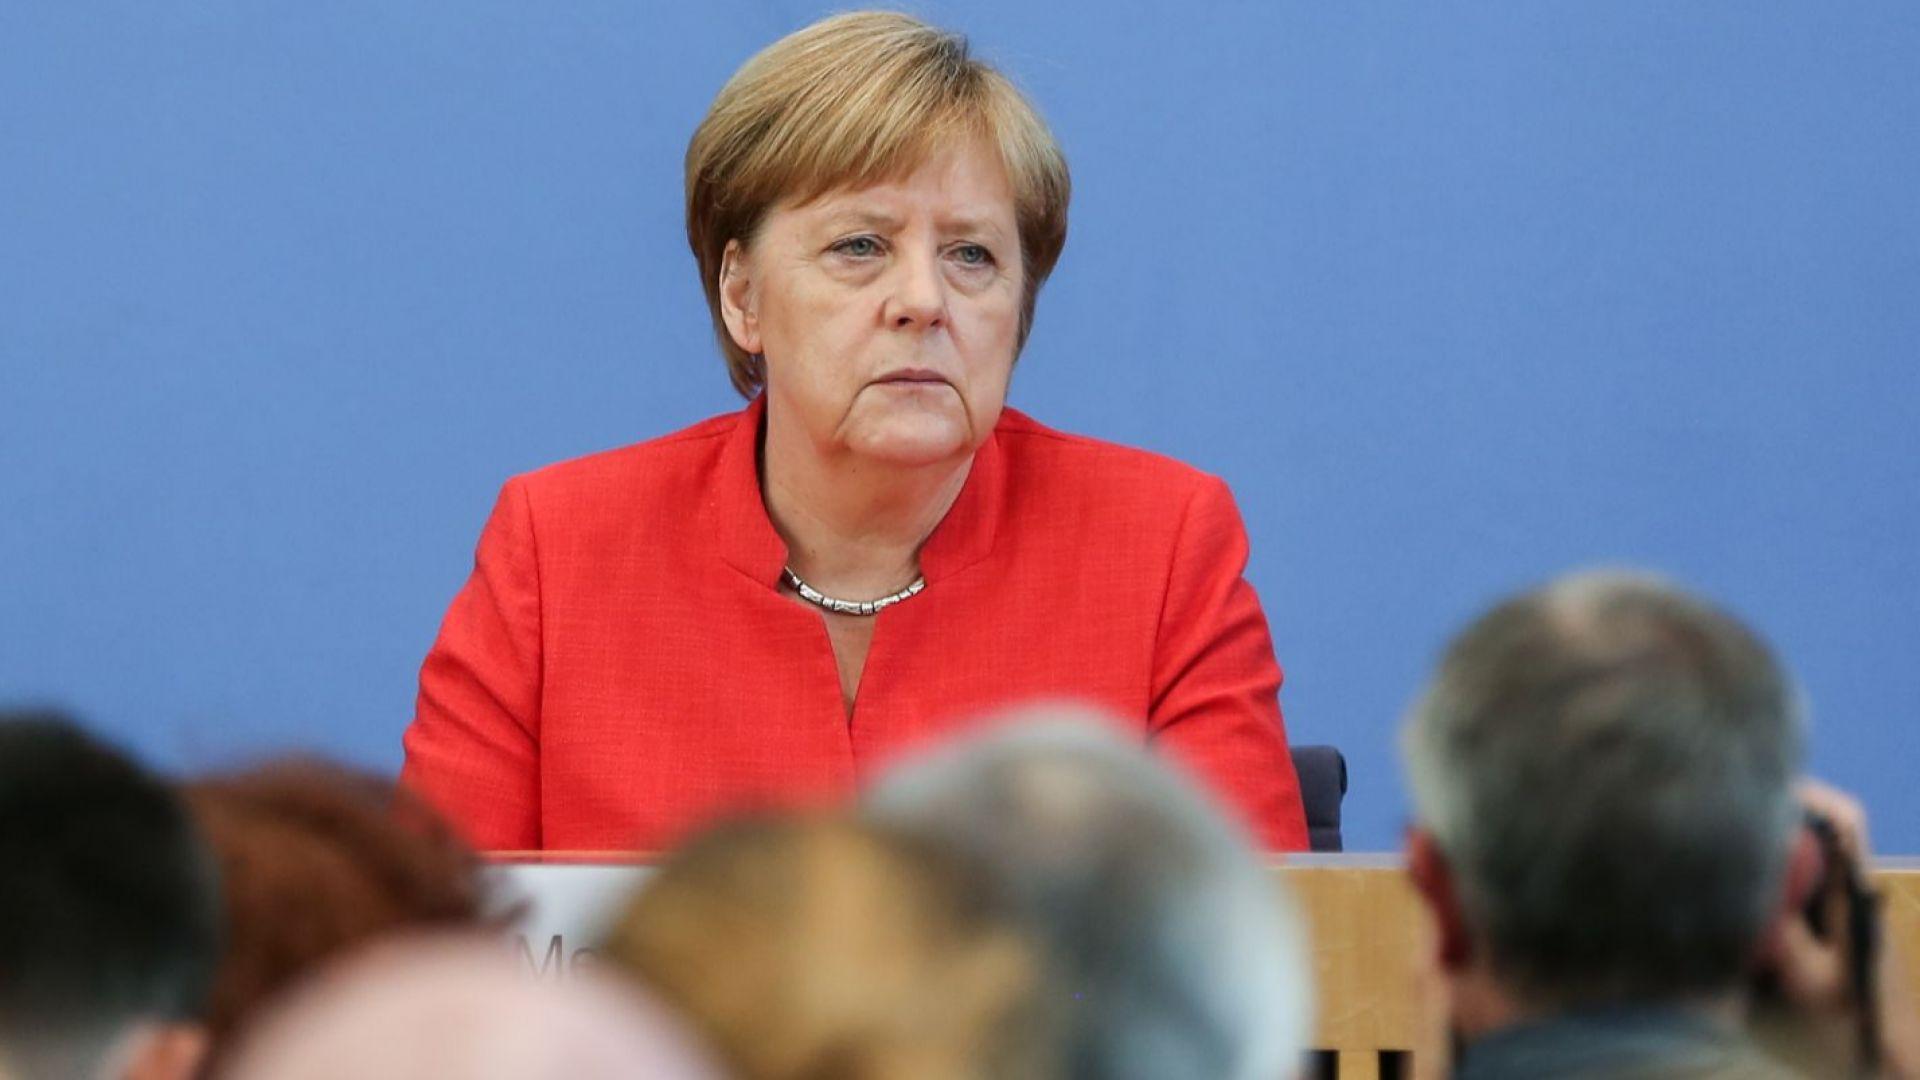 Рейтингът на консервативния блок на Меркел се срива